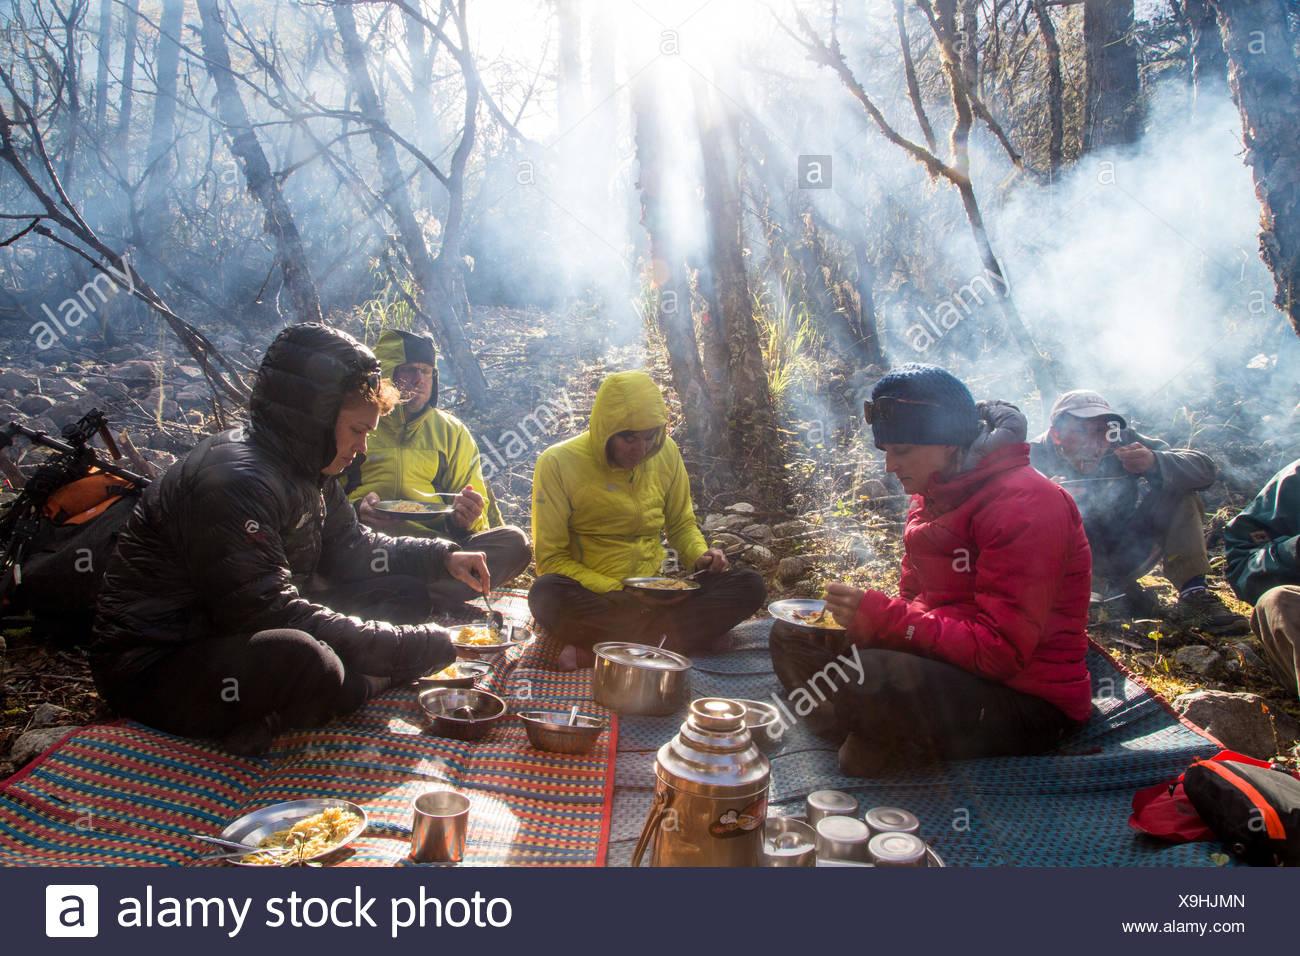 Expedicionarios sentarse alrededor de un camping de ingerir alimentos. Imagen De Stock